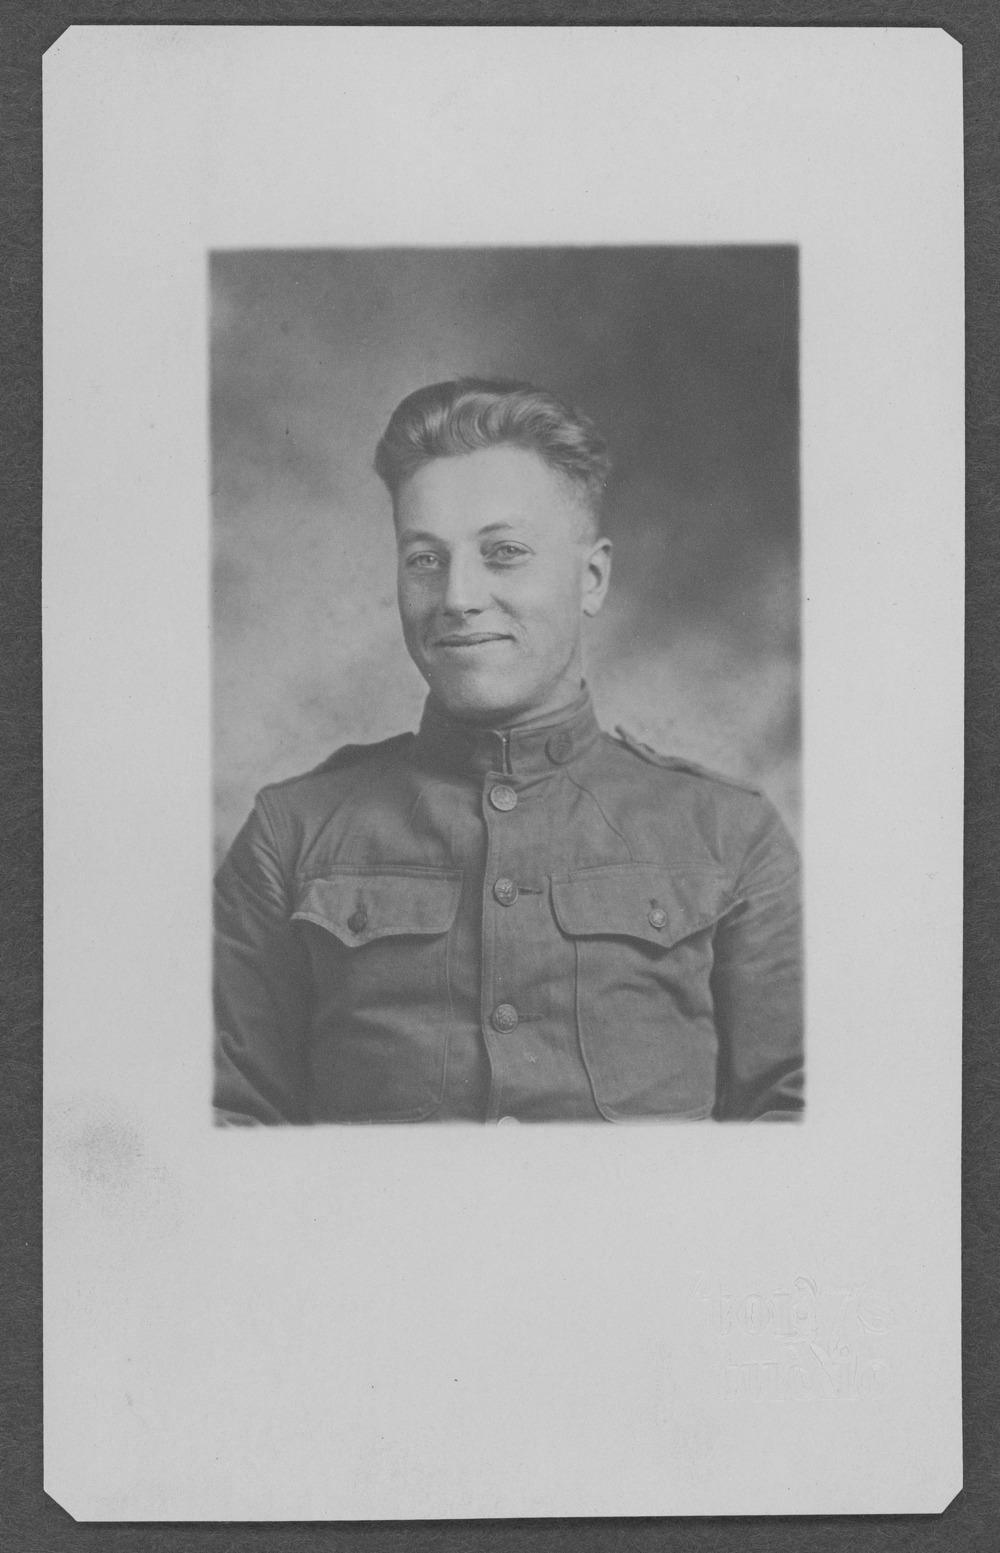 Aloysius Bichlmeier, World War I soldier - 1